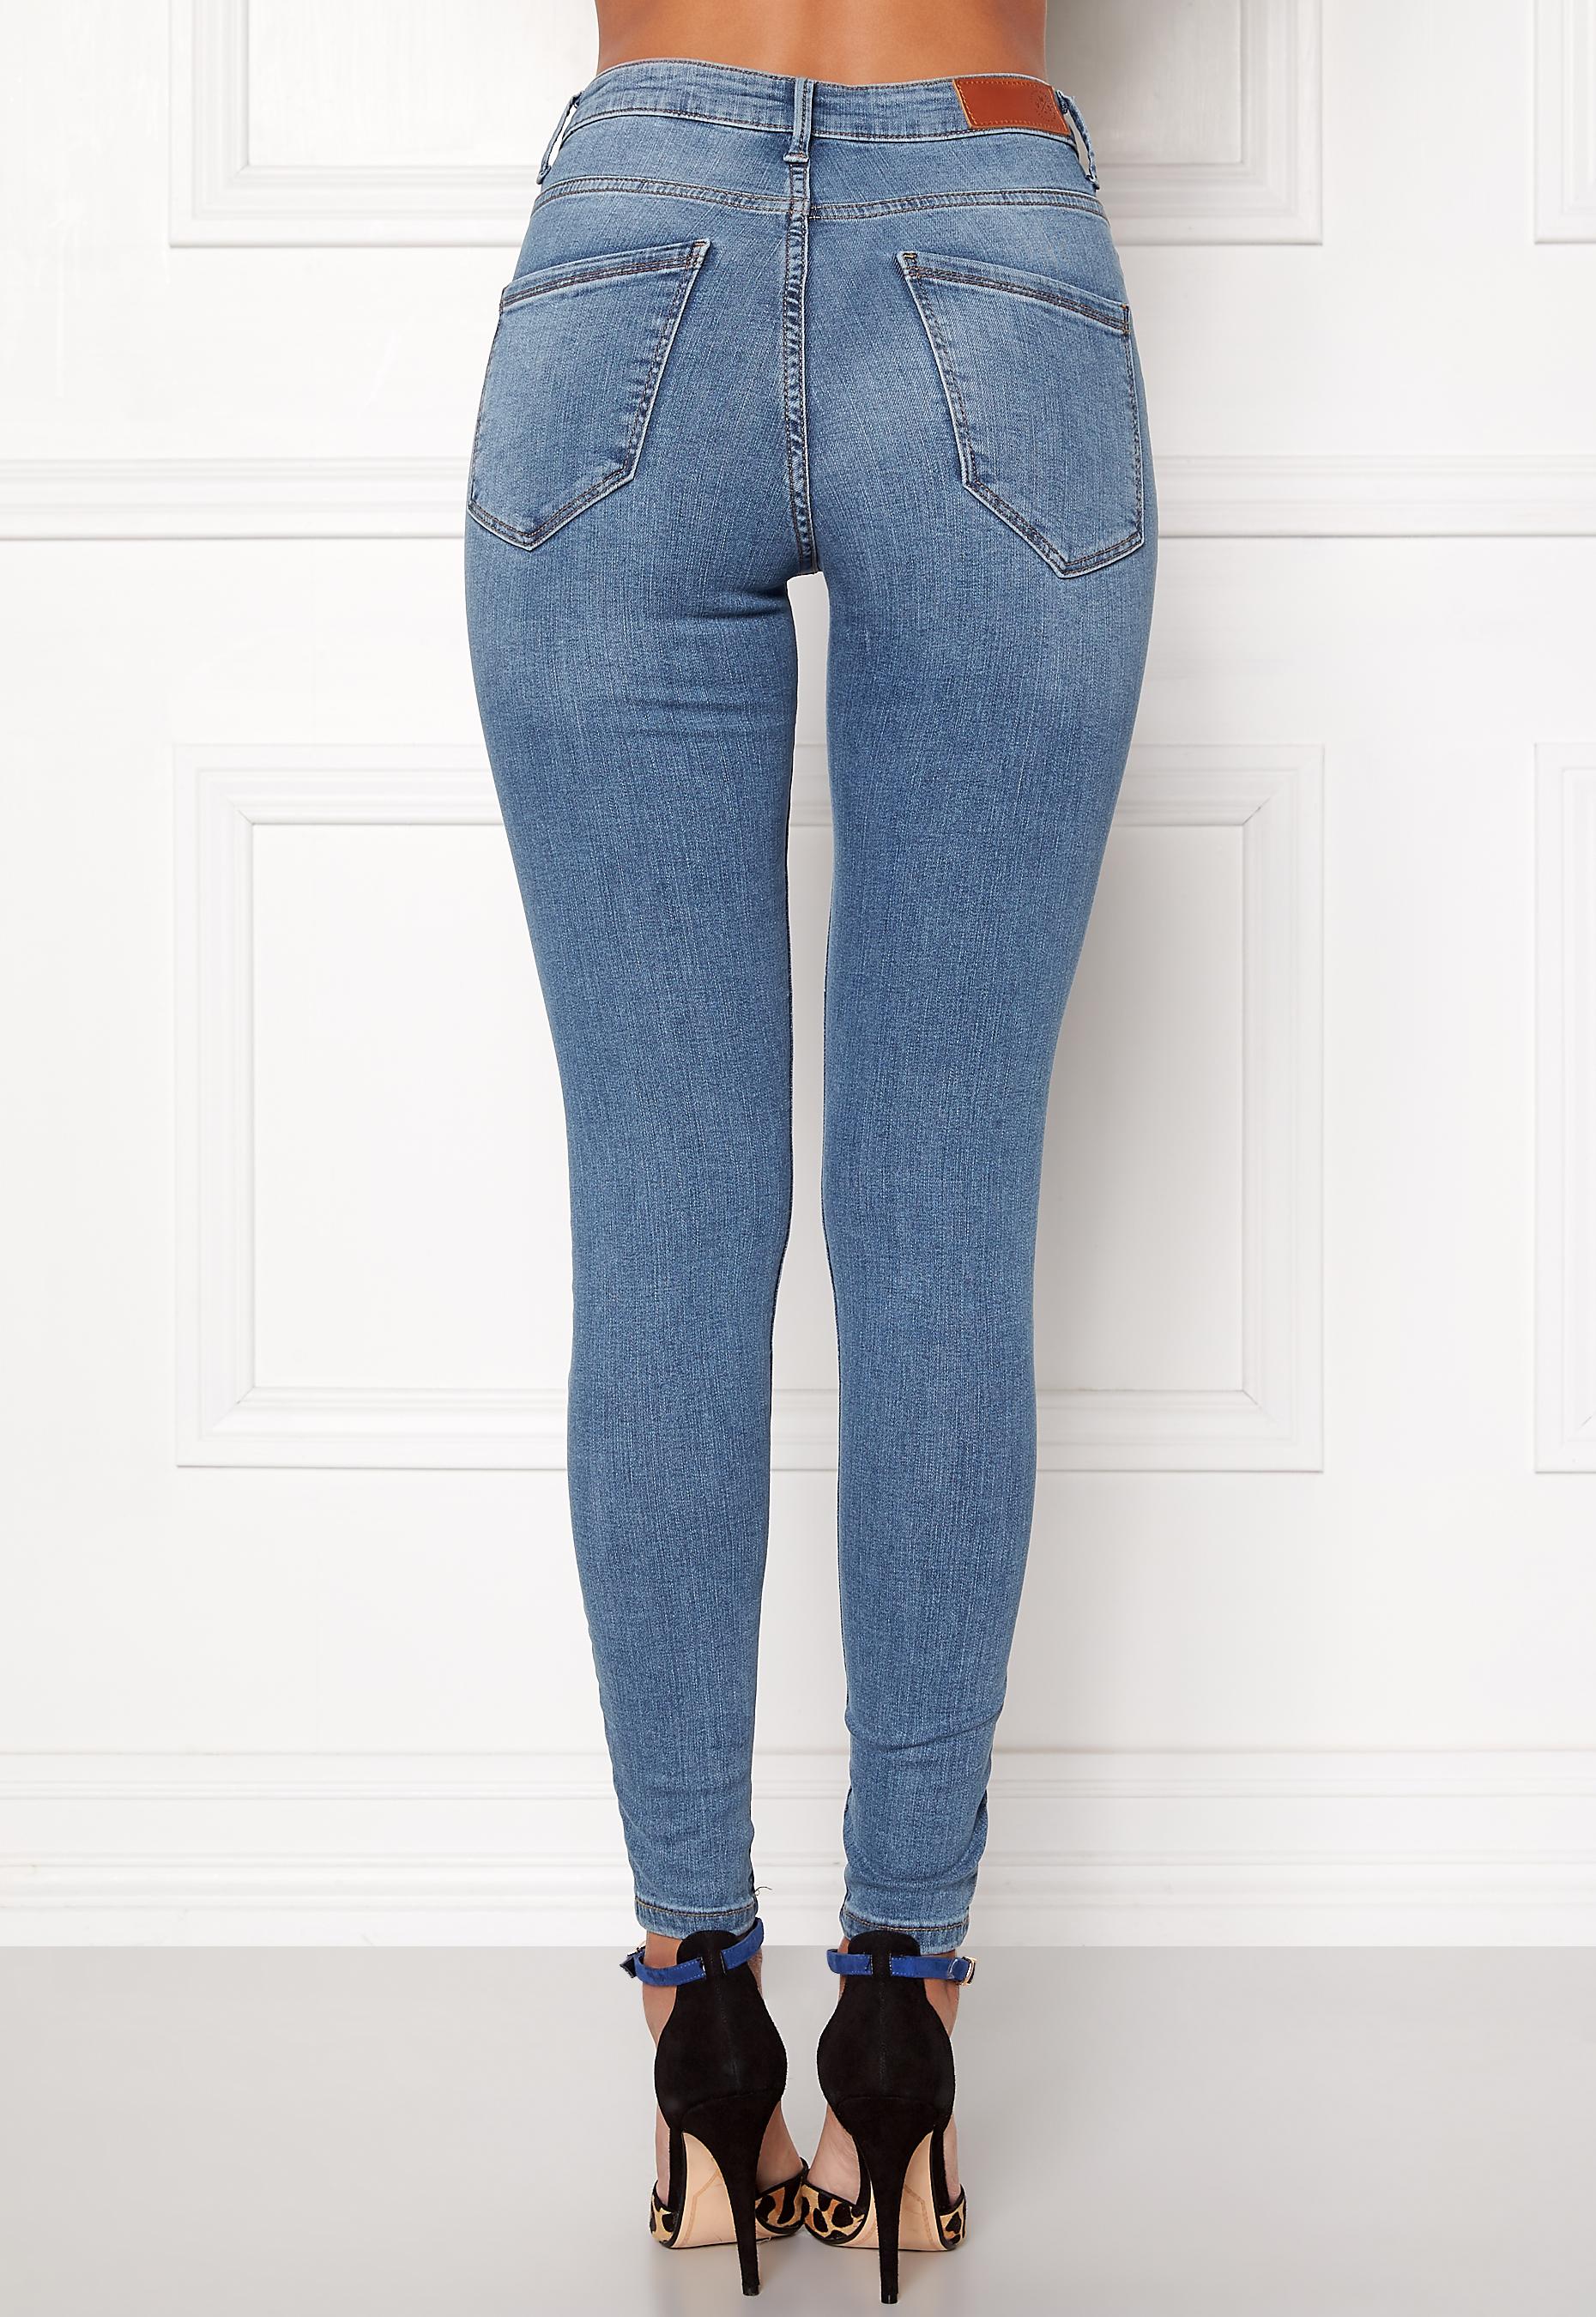 half off 17576 d0353 VERO MODA Sophia HW Skinny Jeans Light Blue Denim - Bubbleroom